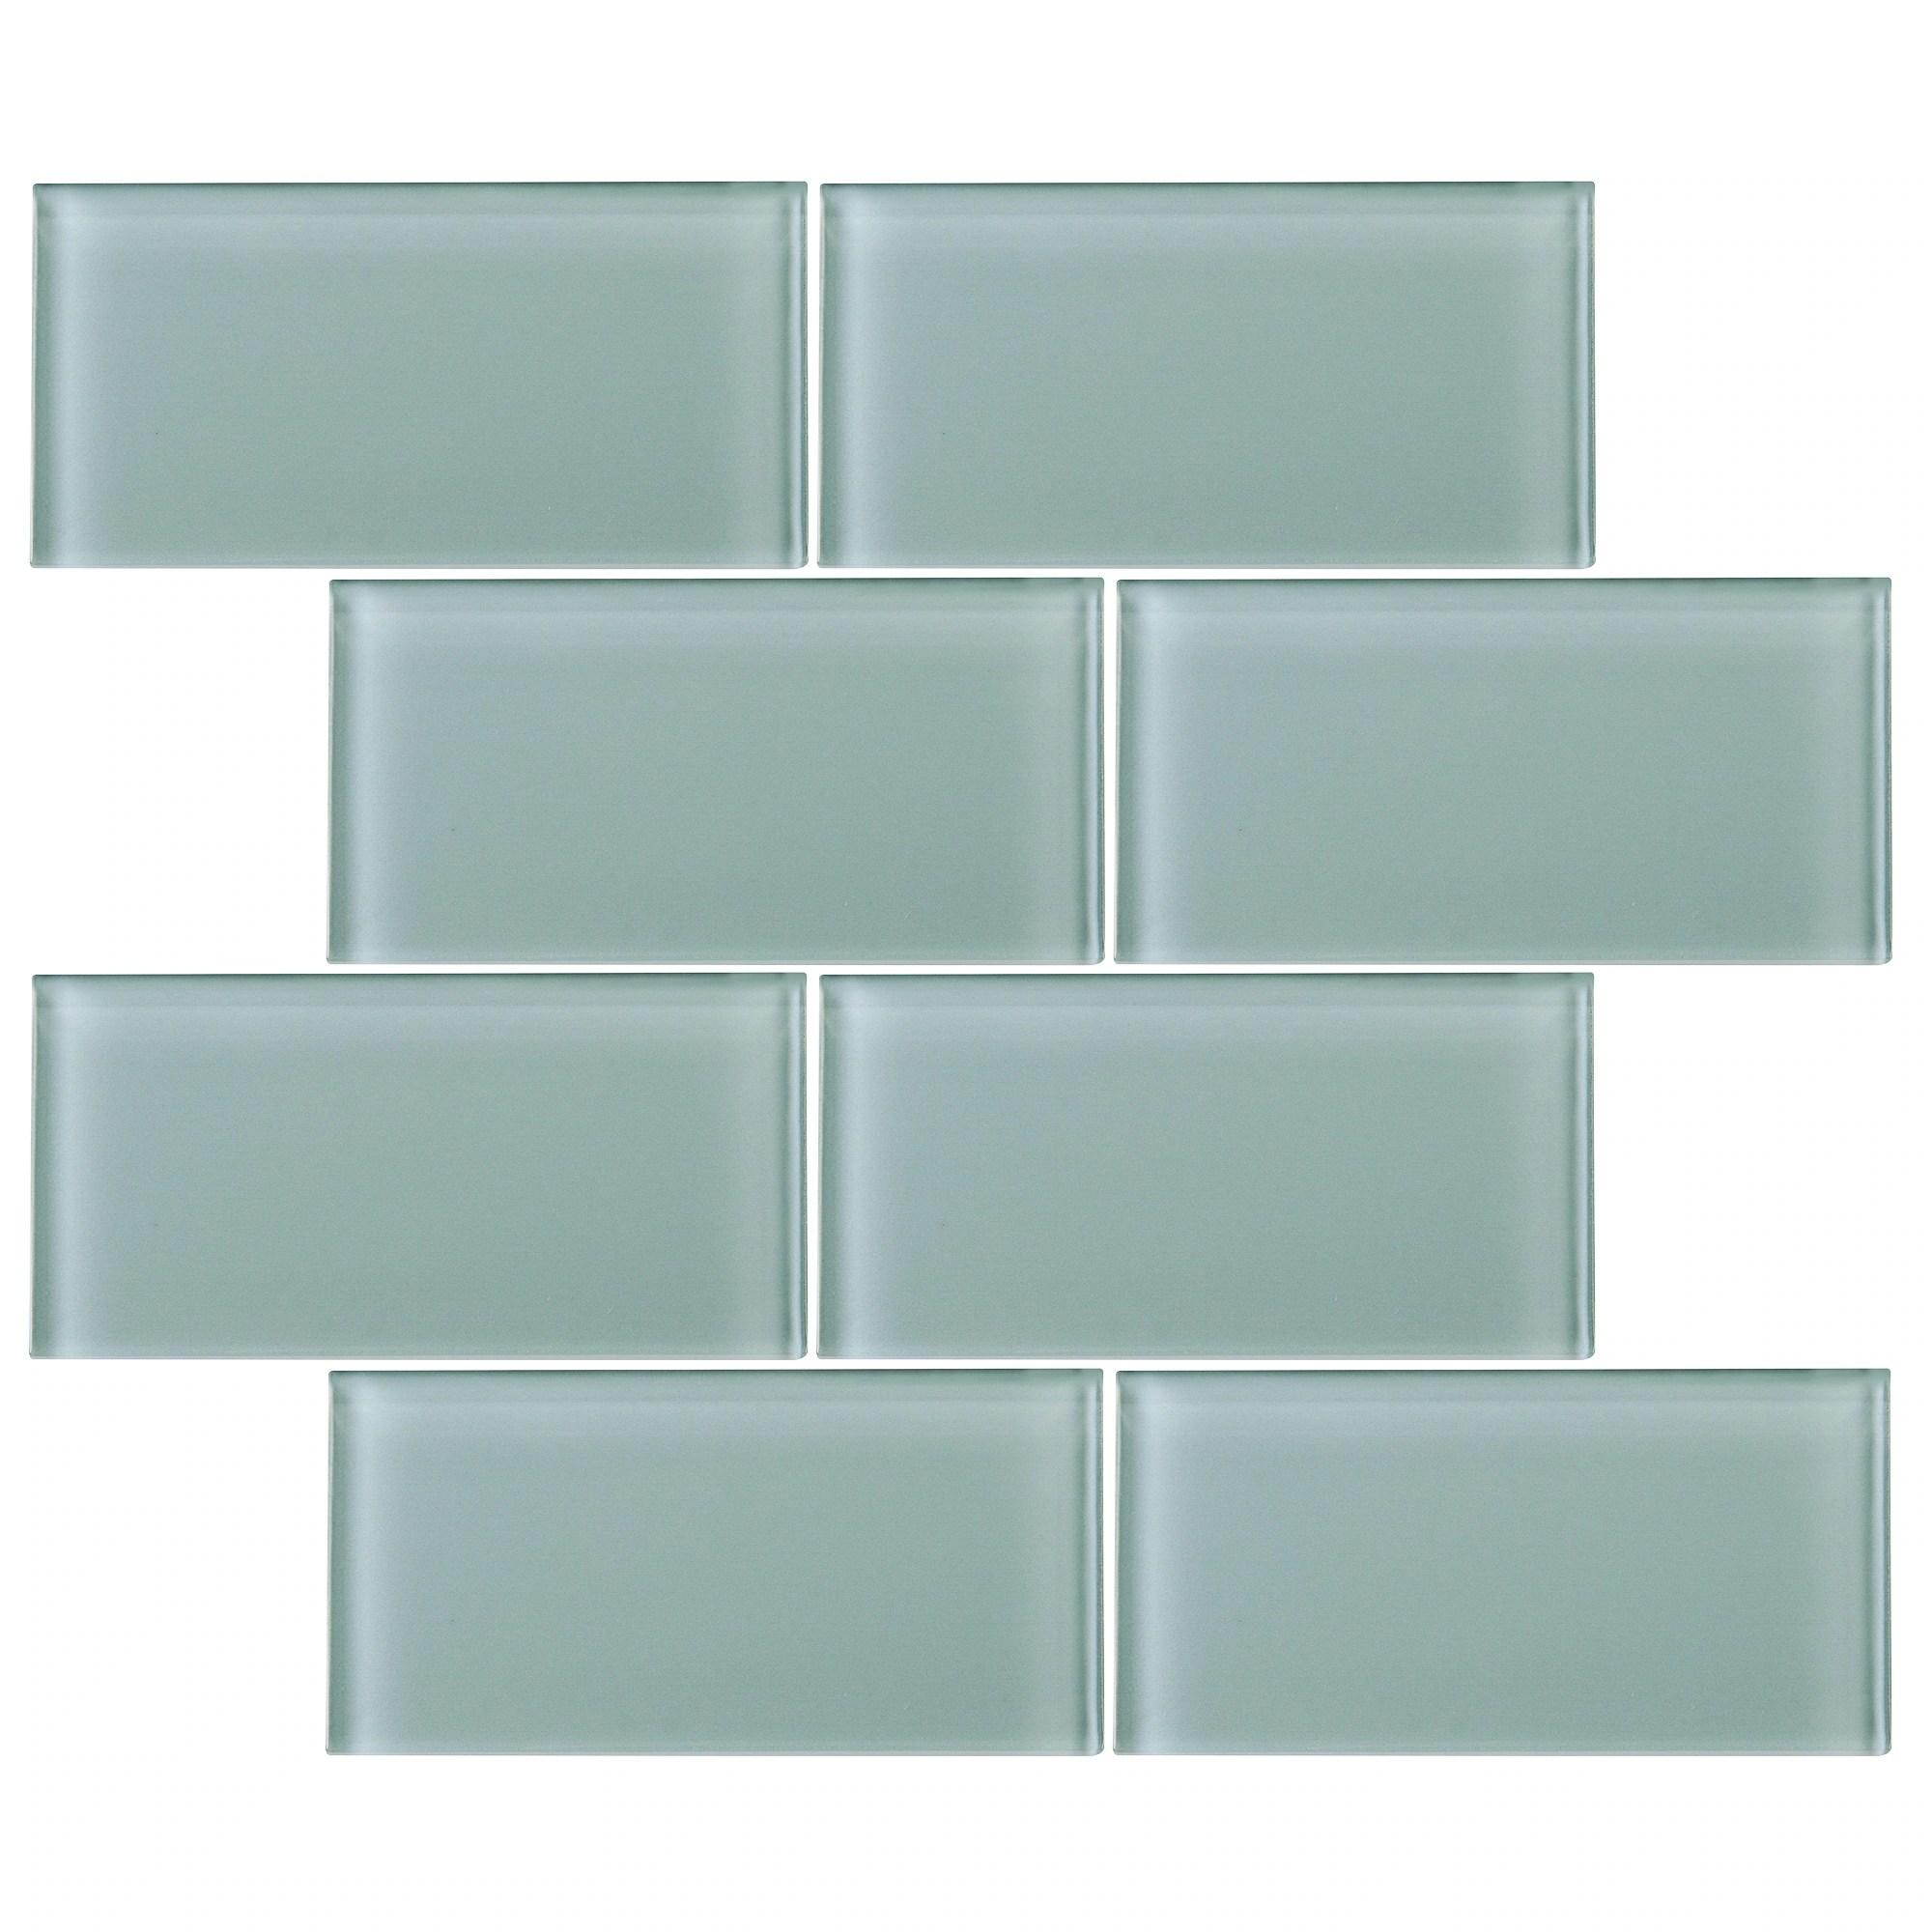 tilegen 3 x 6 glass subway tile in light gray wall tile 80 tiles 10sqft